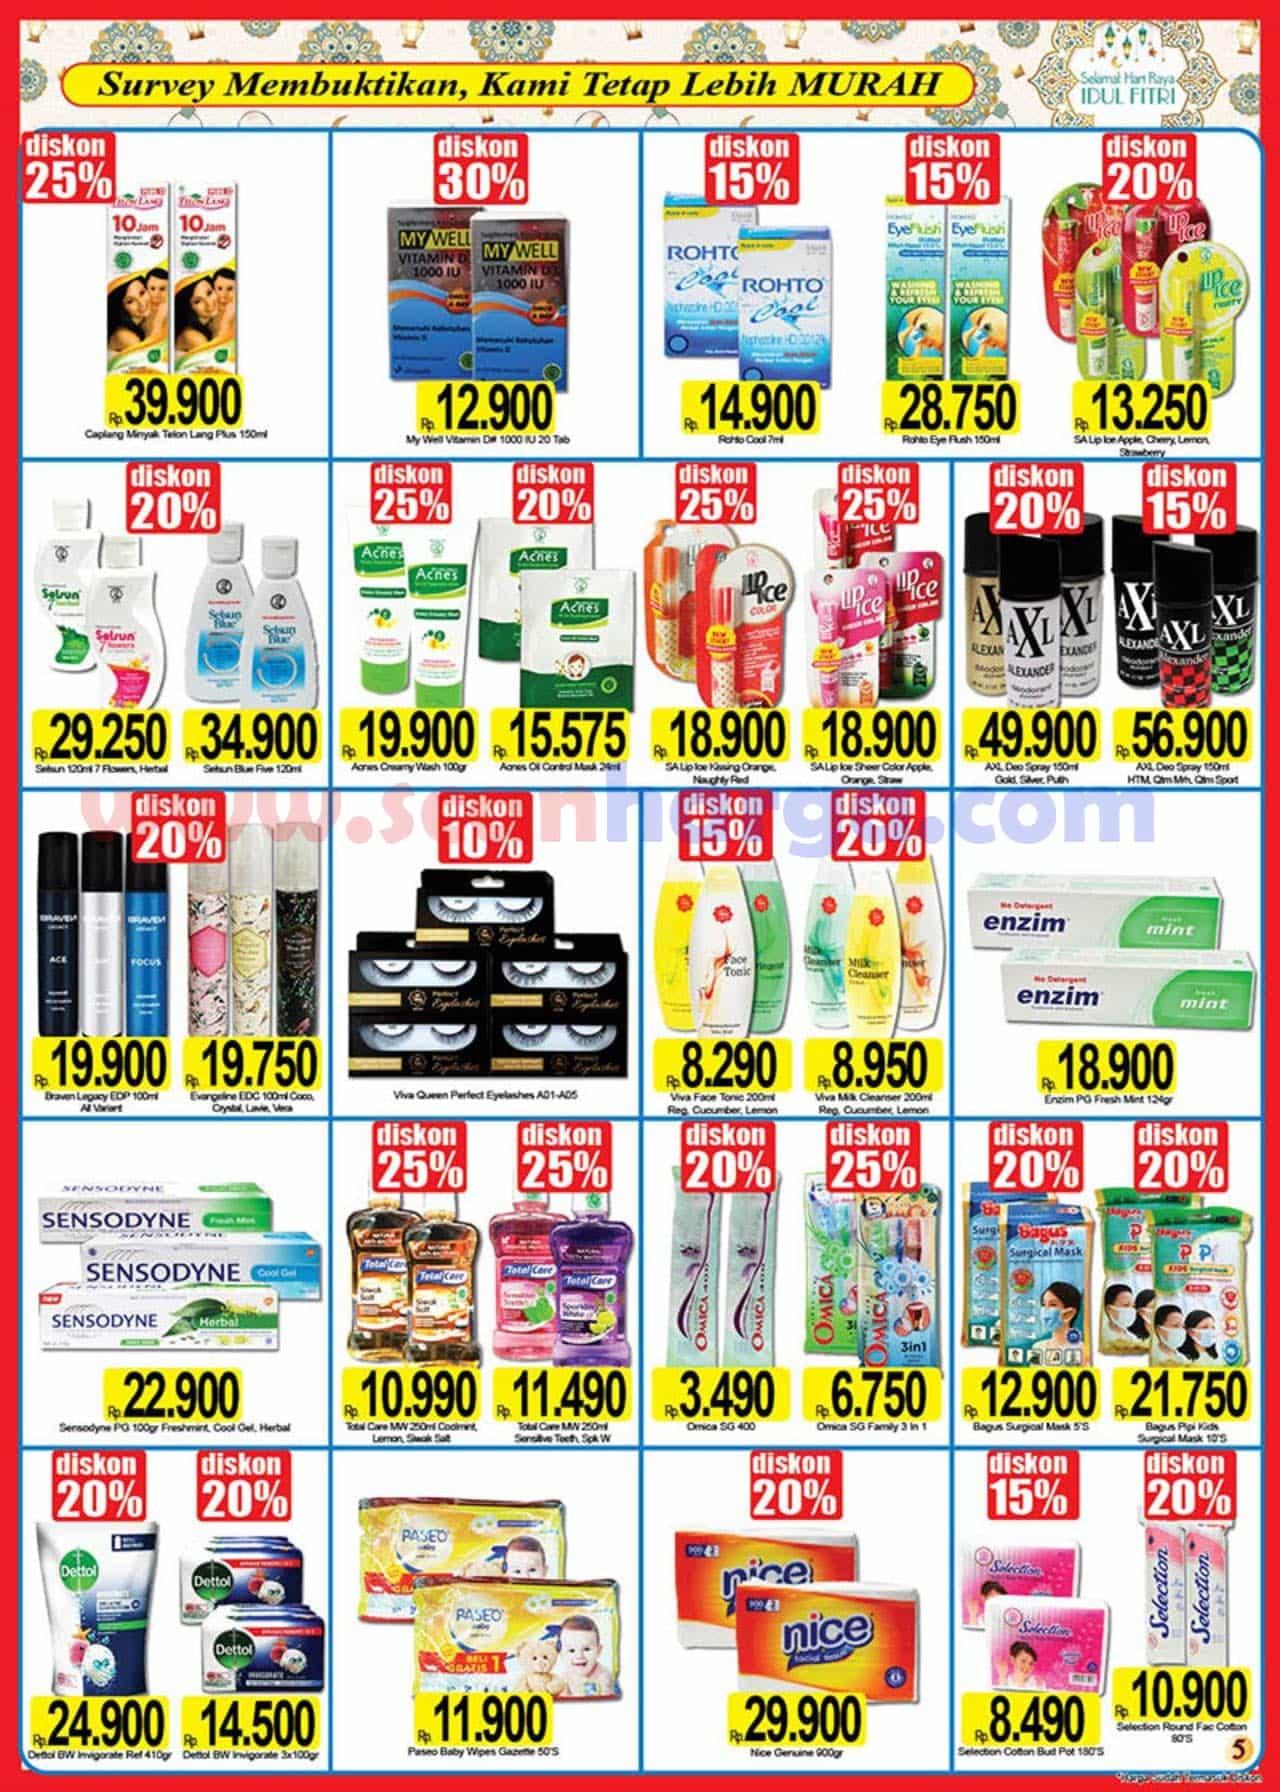 Katalog Promo Naga Pasar Swalayan 25 April - 16 Mei 2021 5